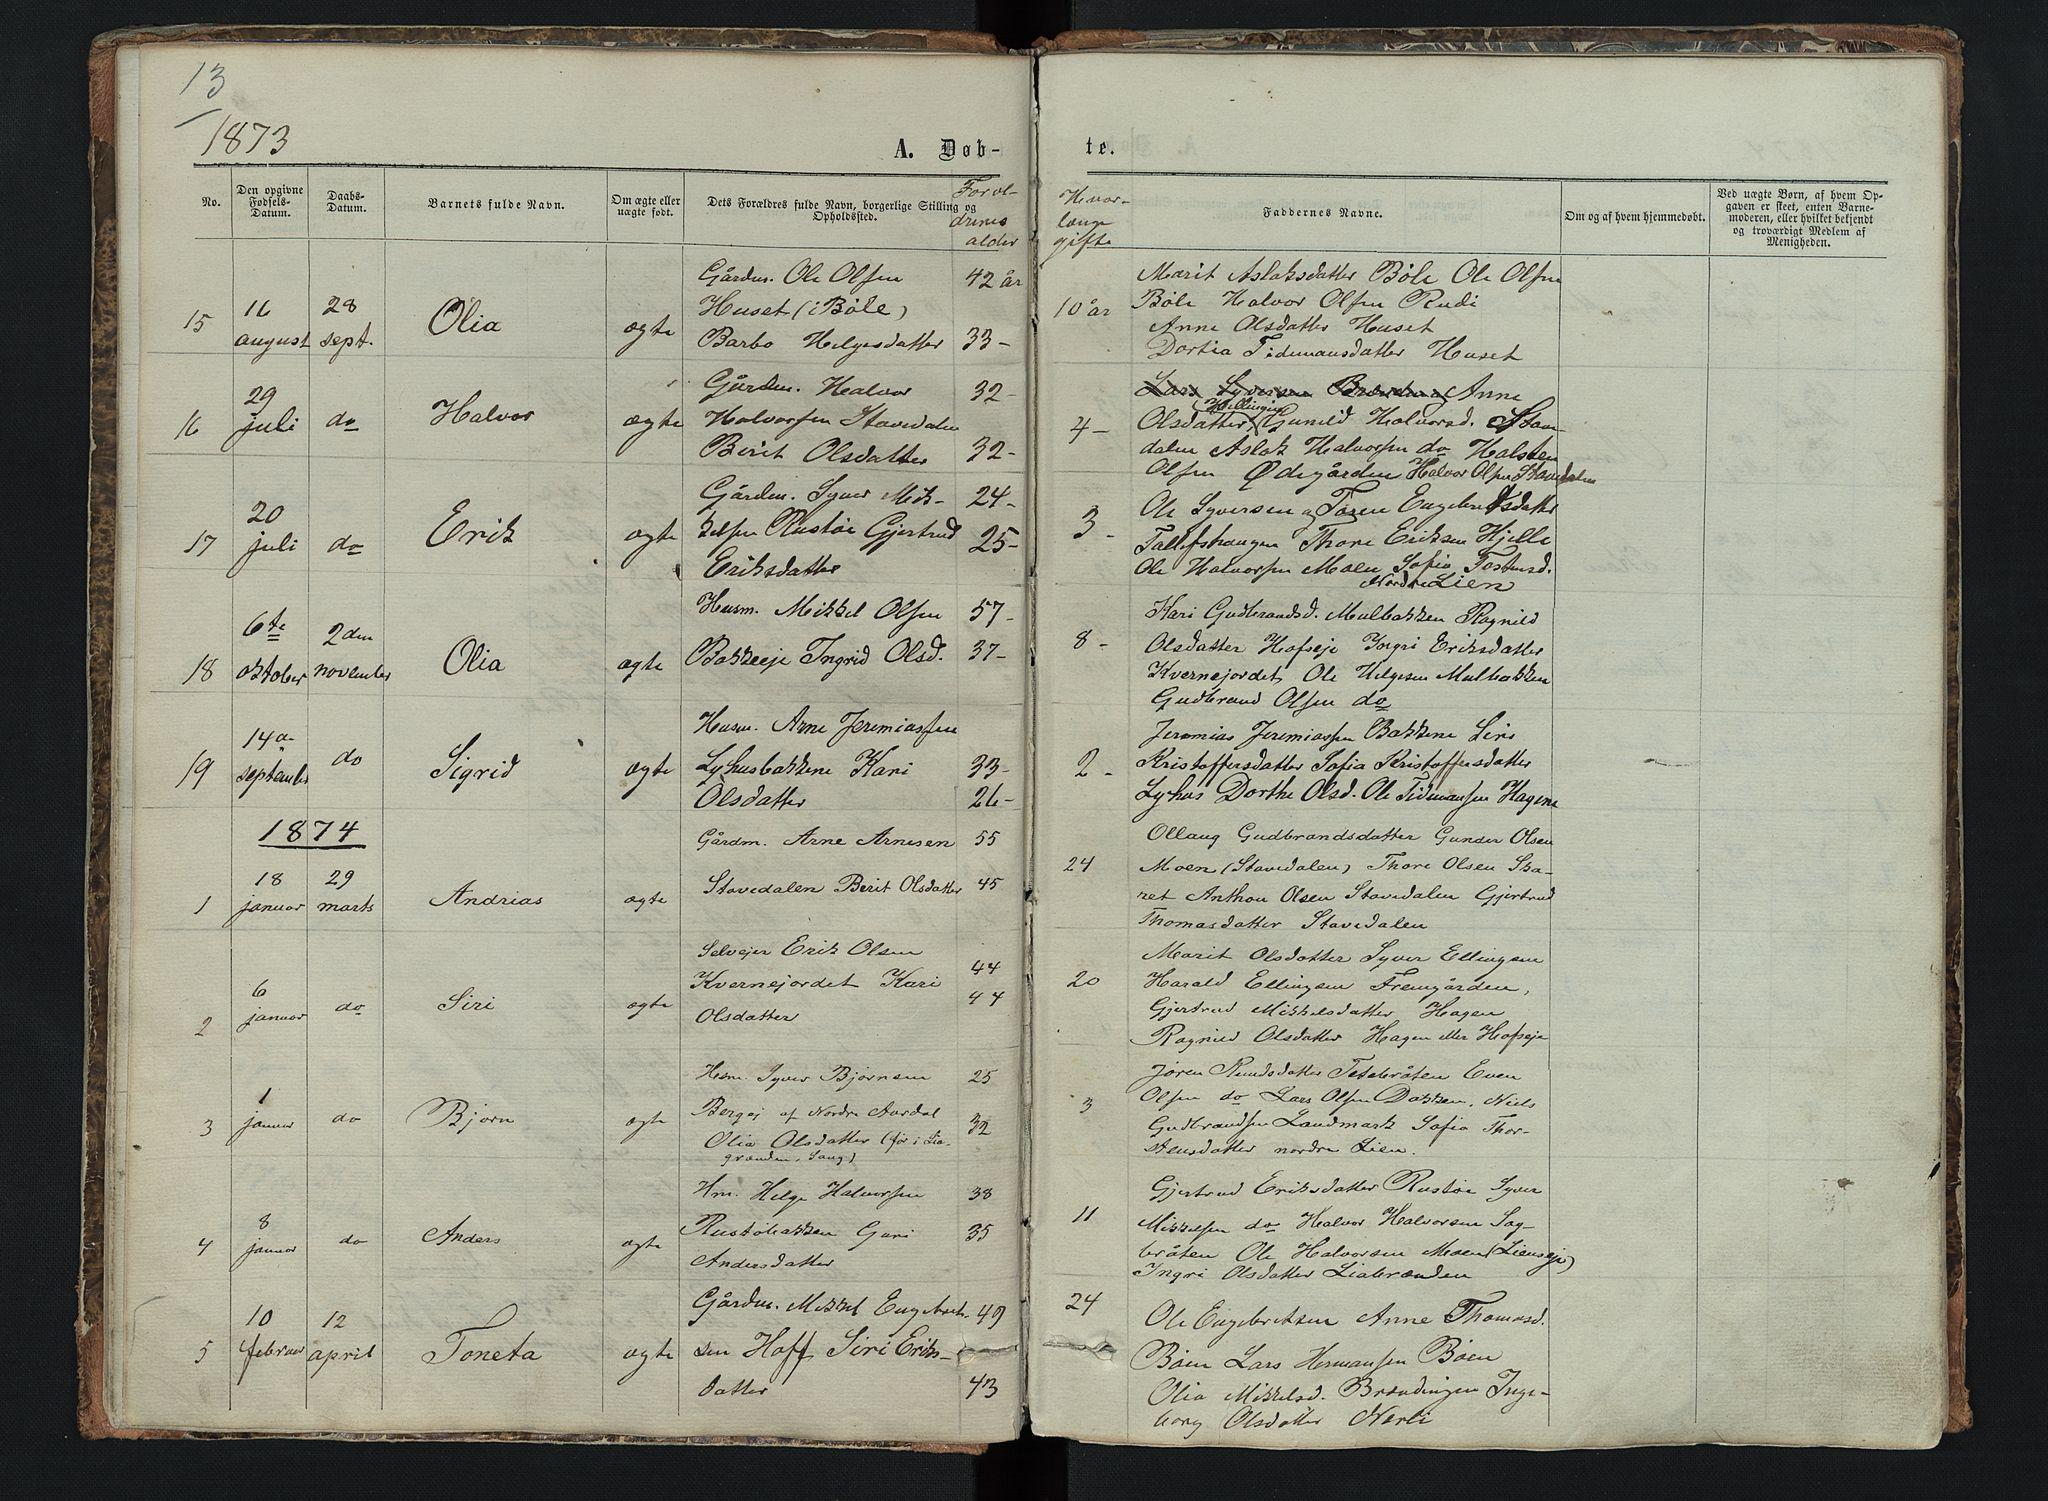 SAH, Sør-Aurdal prestekontor, Klokkerbok nr. 6, 1866-1893, s. 13